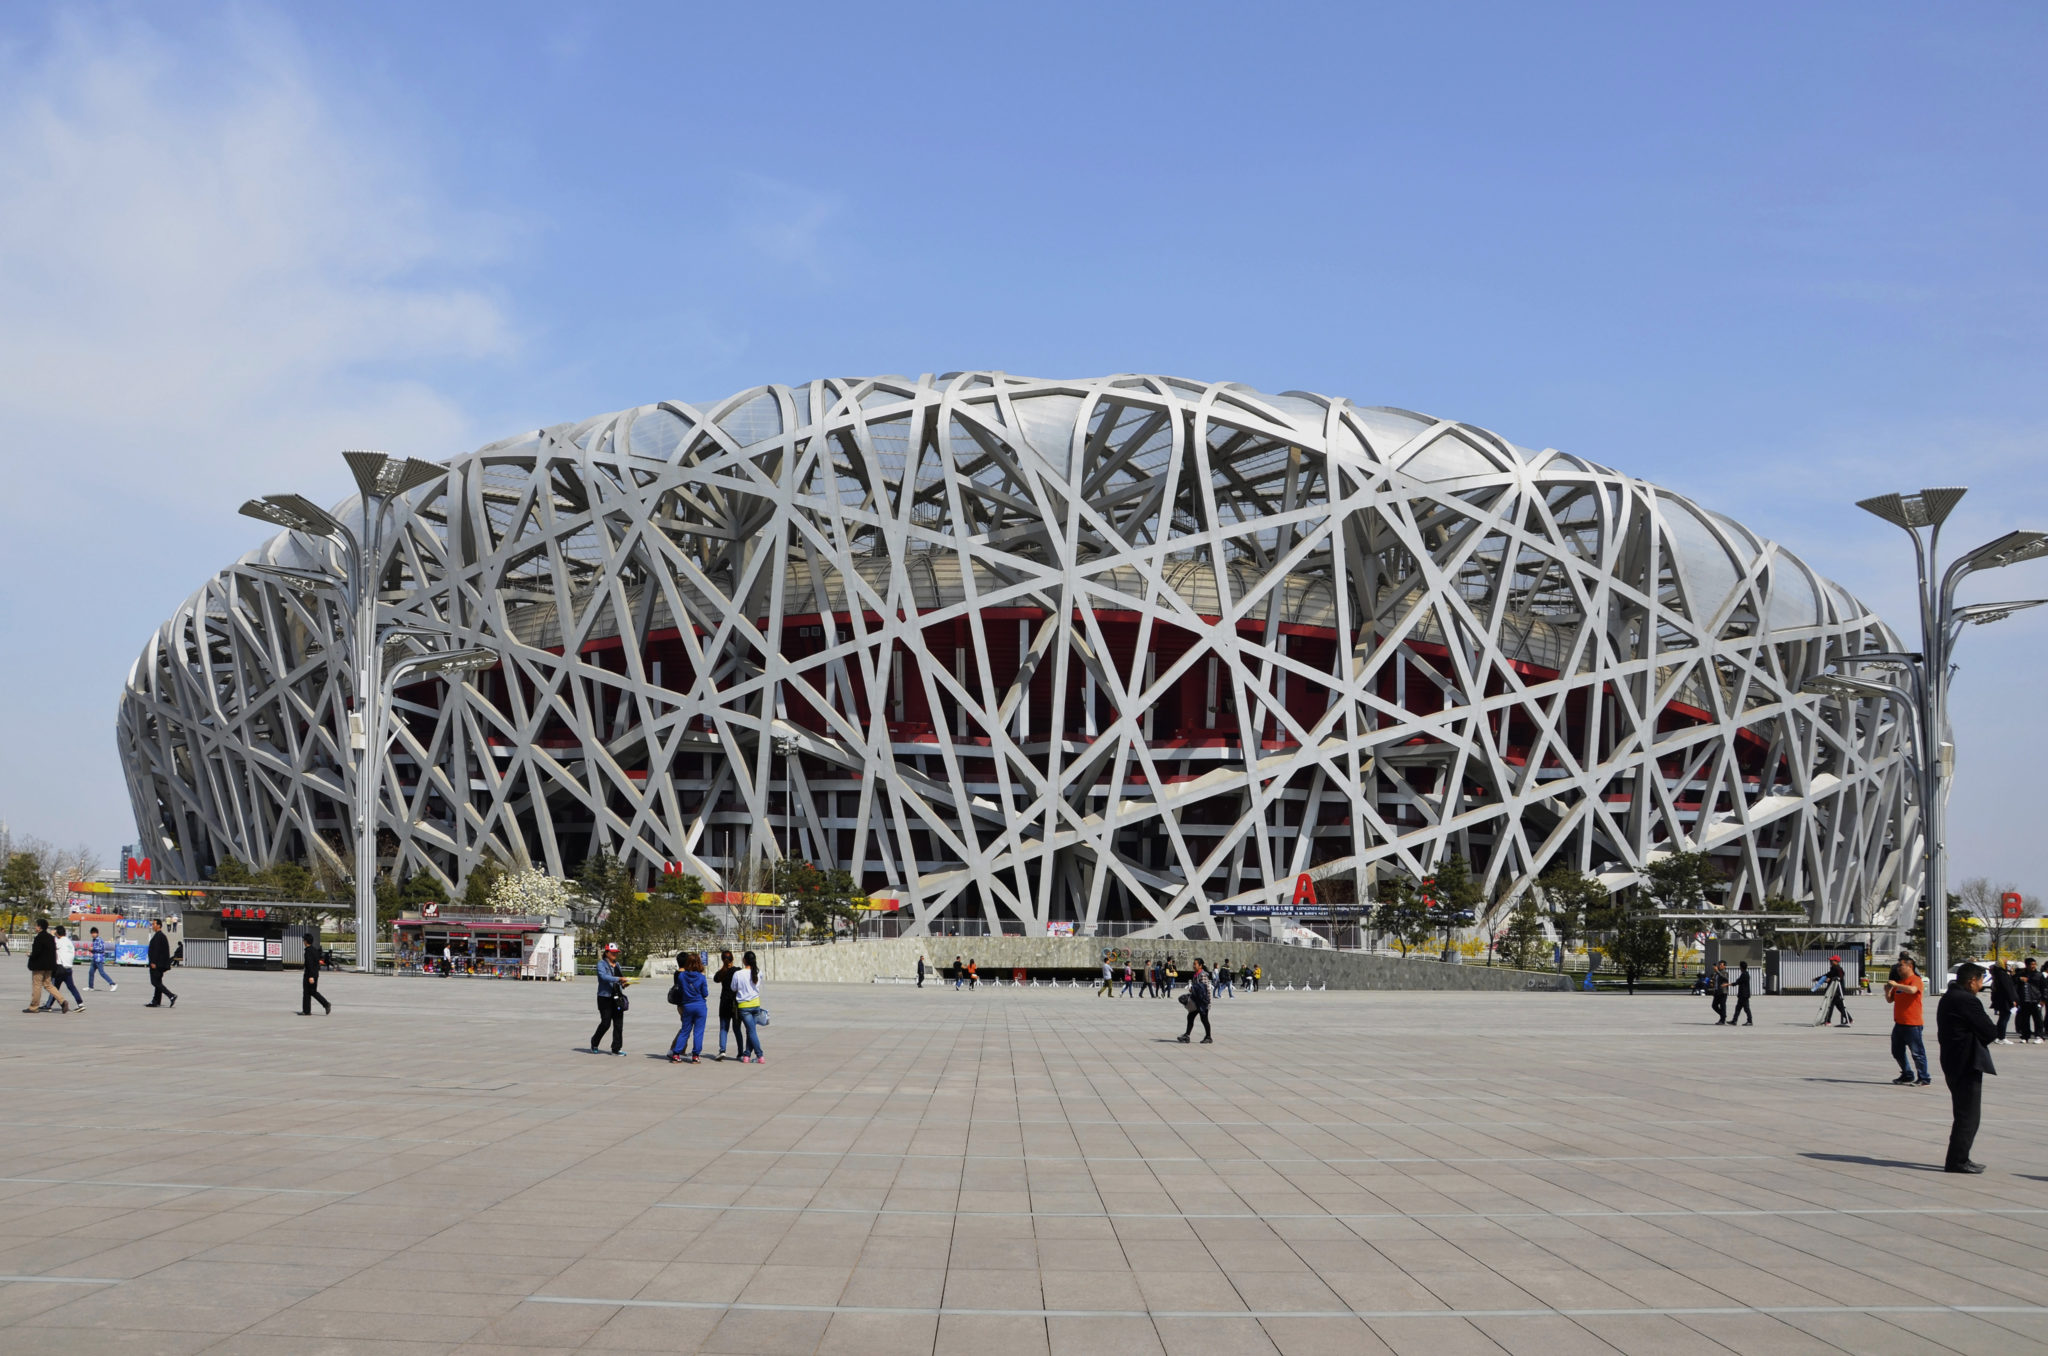 Das Olympiastadion in Peking wird auch Vogelnest genannt